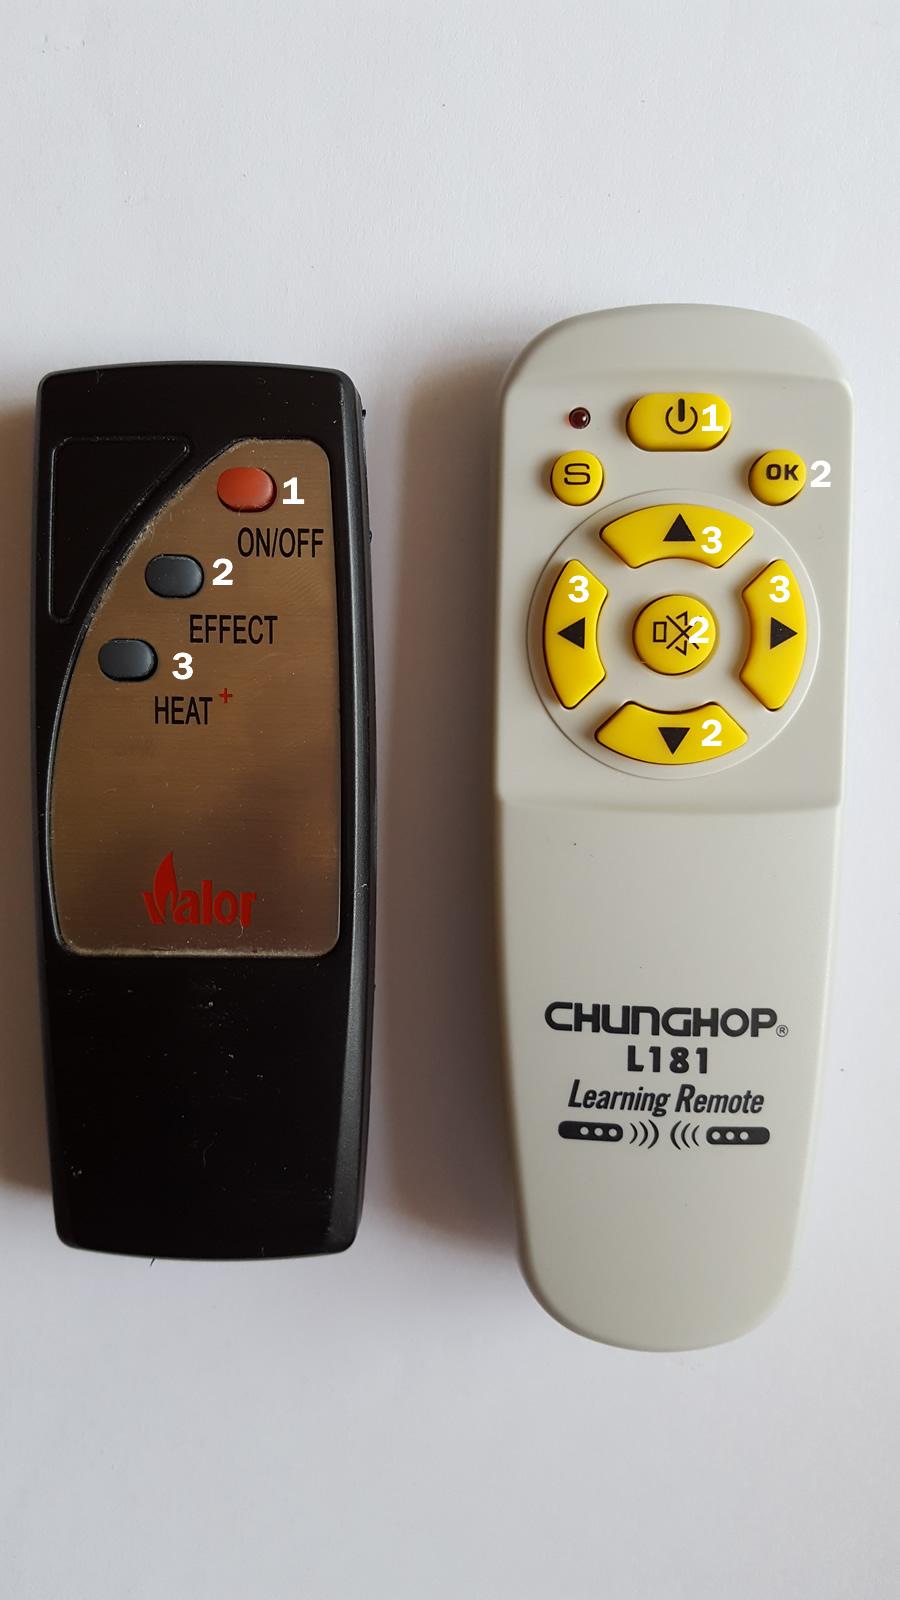 valor 3 button clone